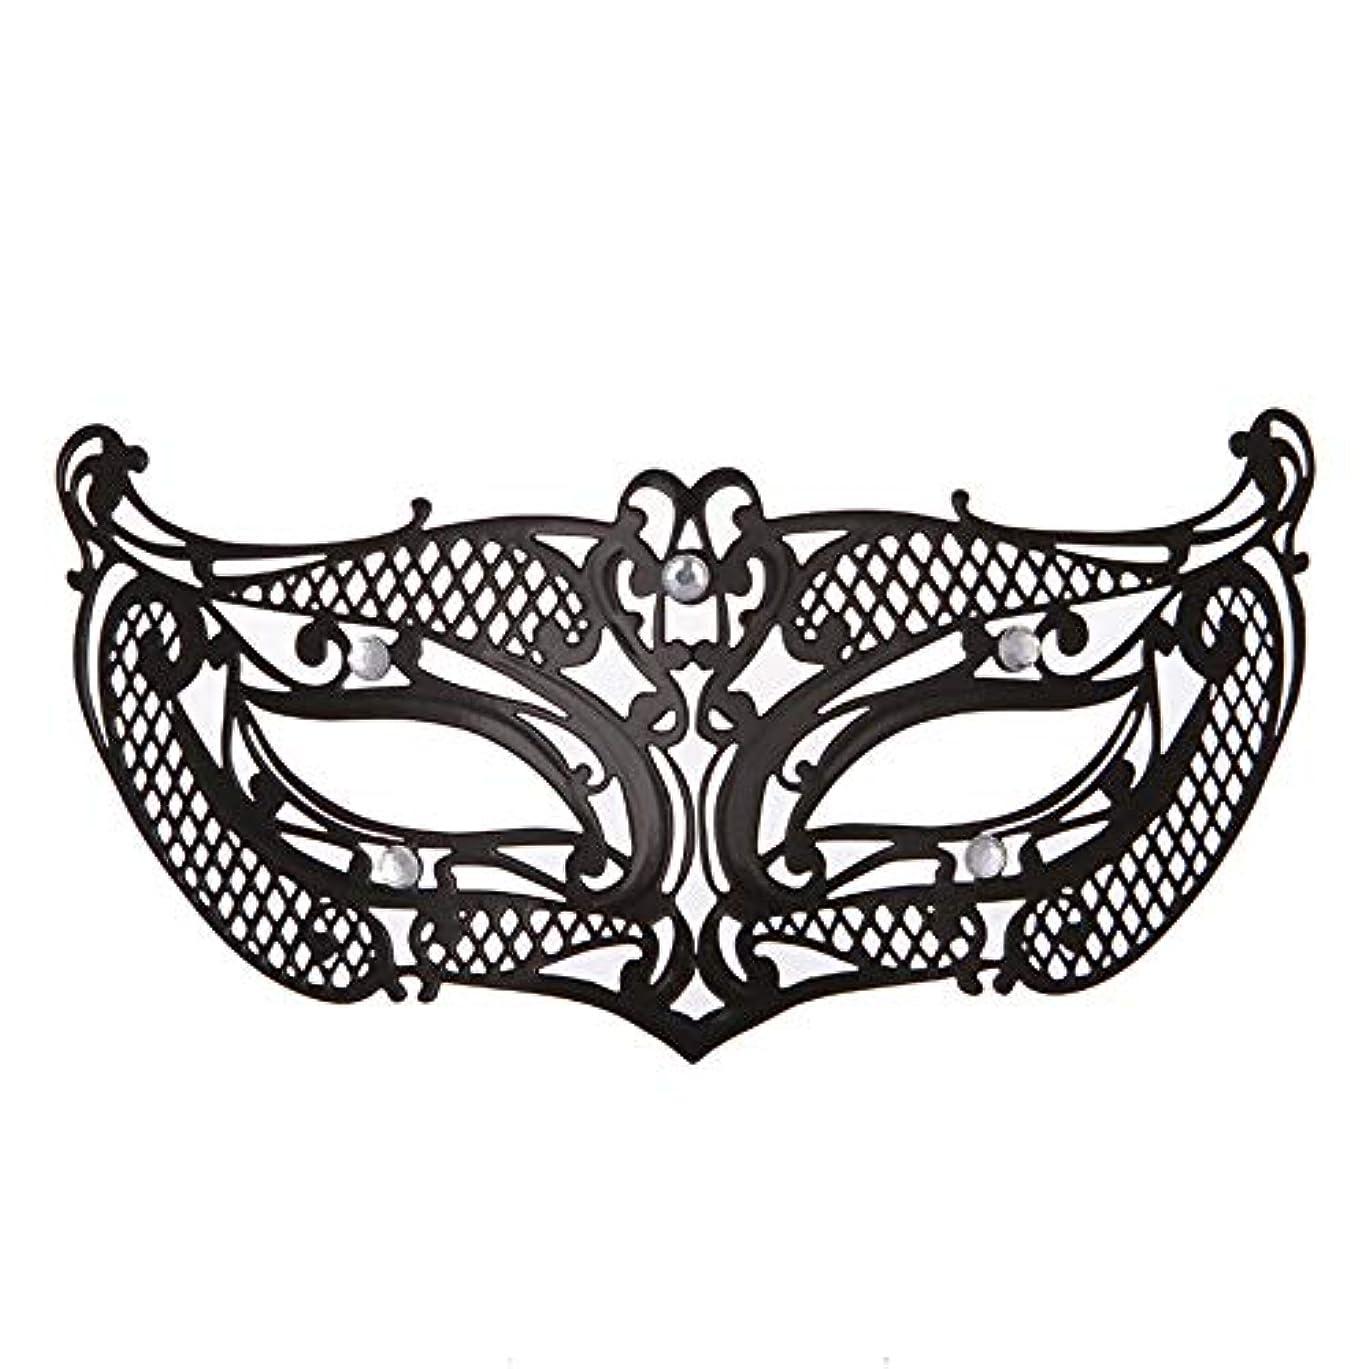 クラックポット受付免疫するダンスマスク アイアンメタリックレースとダイヤモンドハーフマスクハロウィンダンスマスクナイトクラブボールマスクコスプレパーティーハロウィンマスク ホリデーパーティー用品 (色 : ブラック, サイズ : 19x8cm)